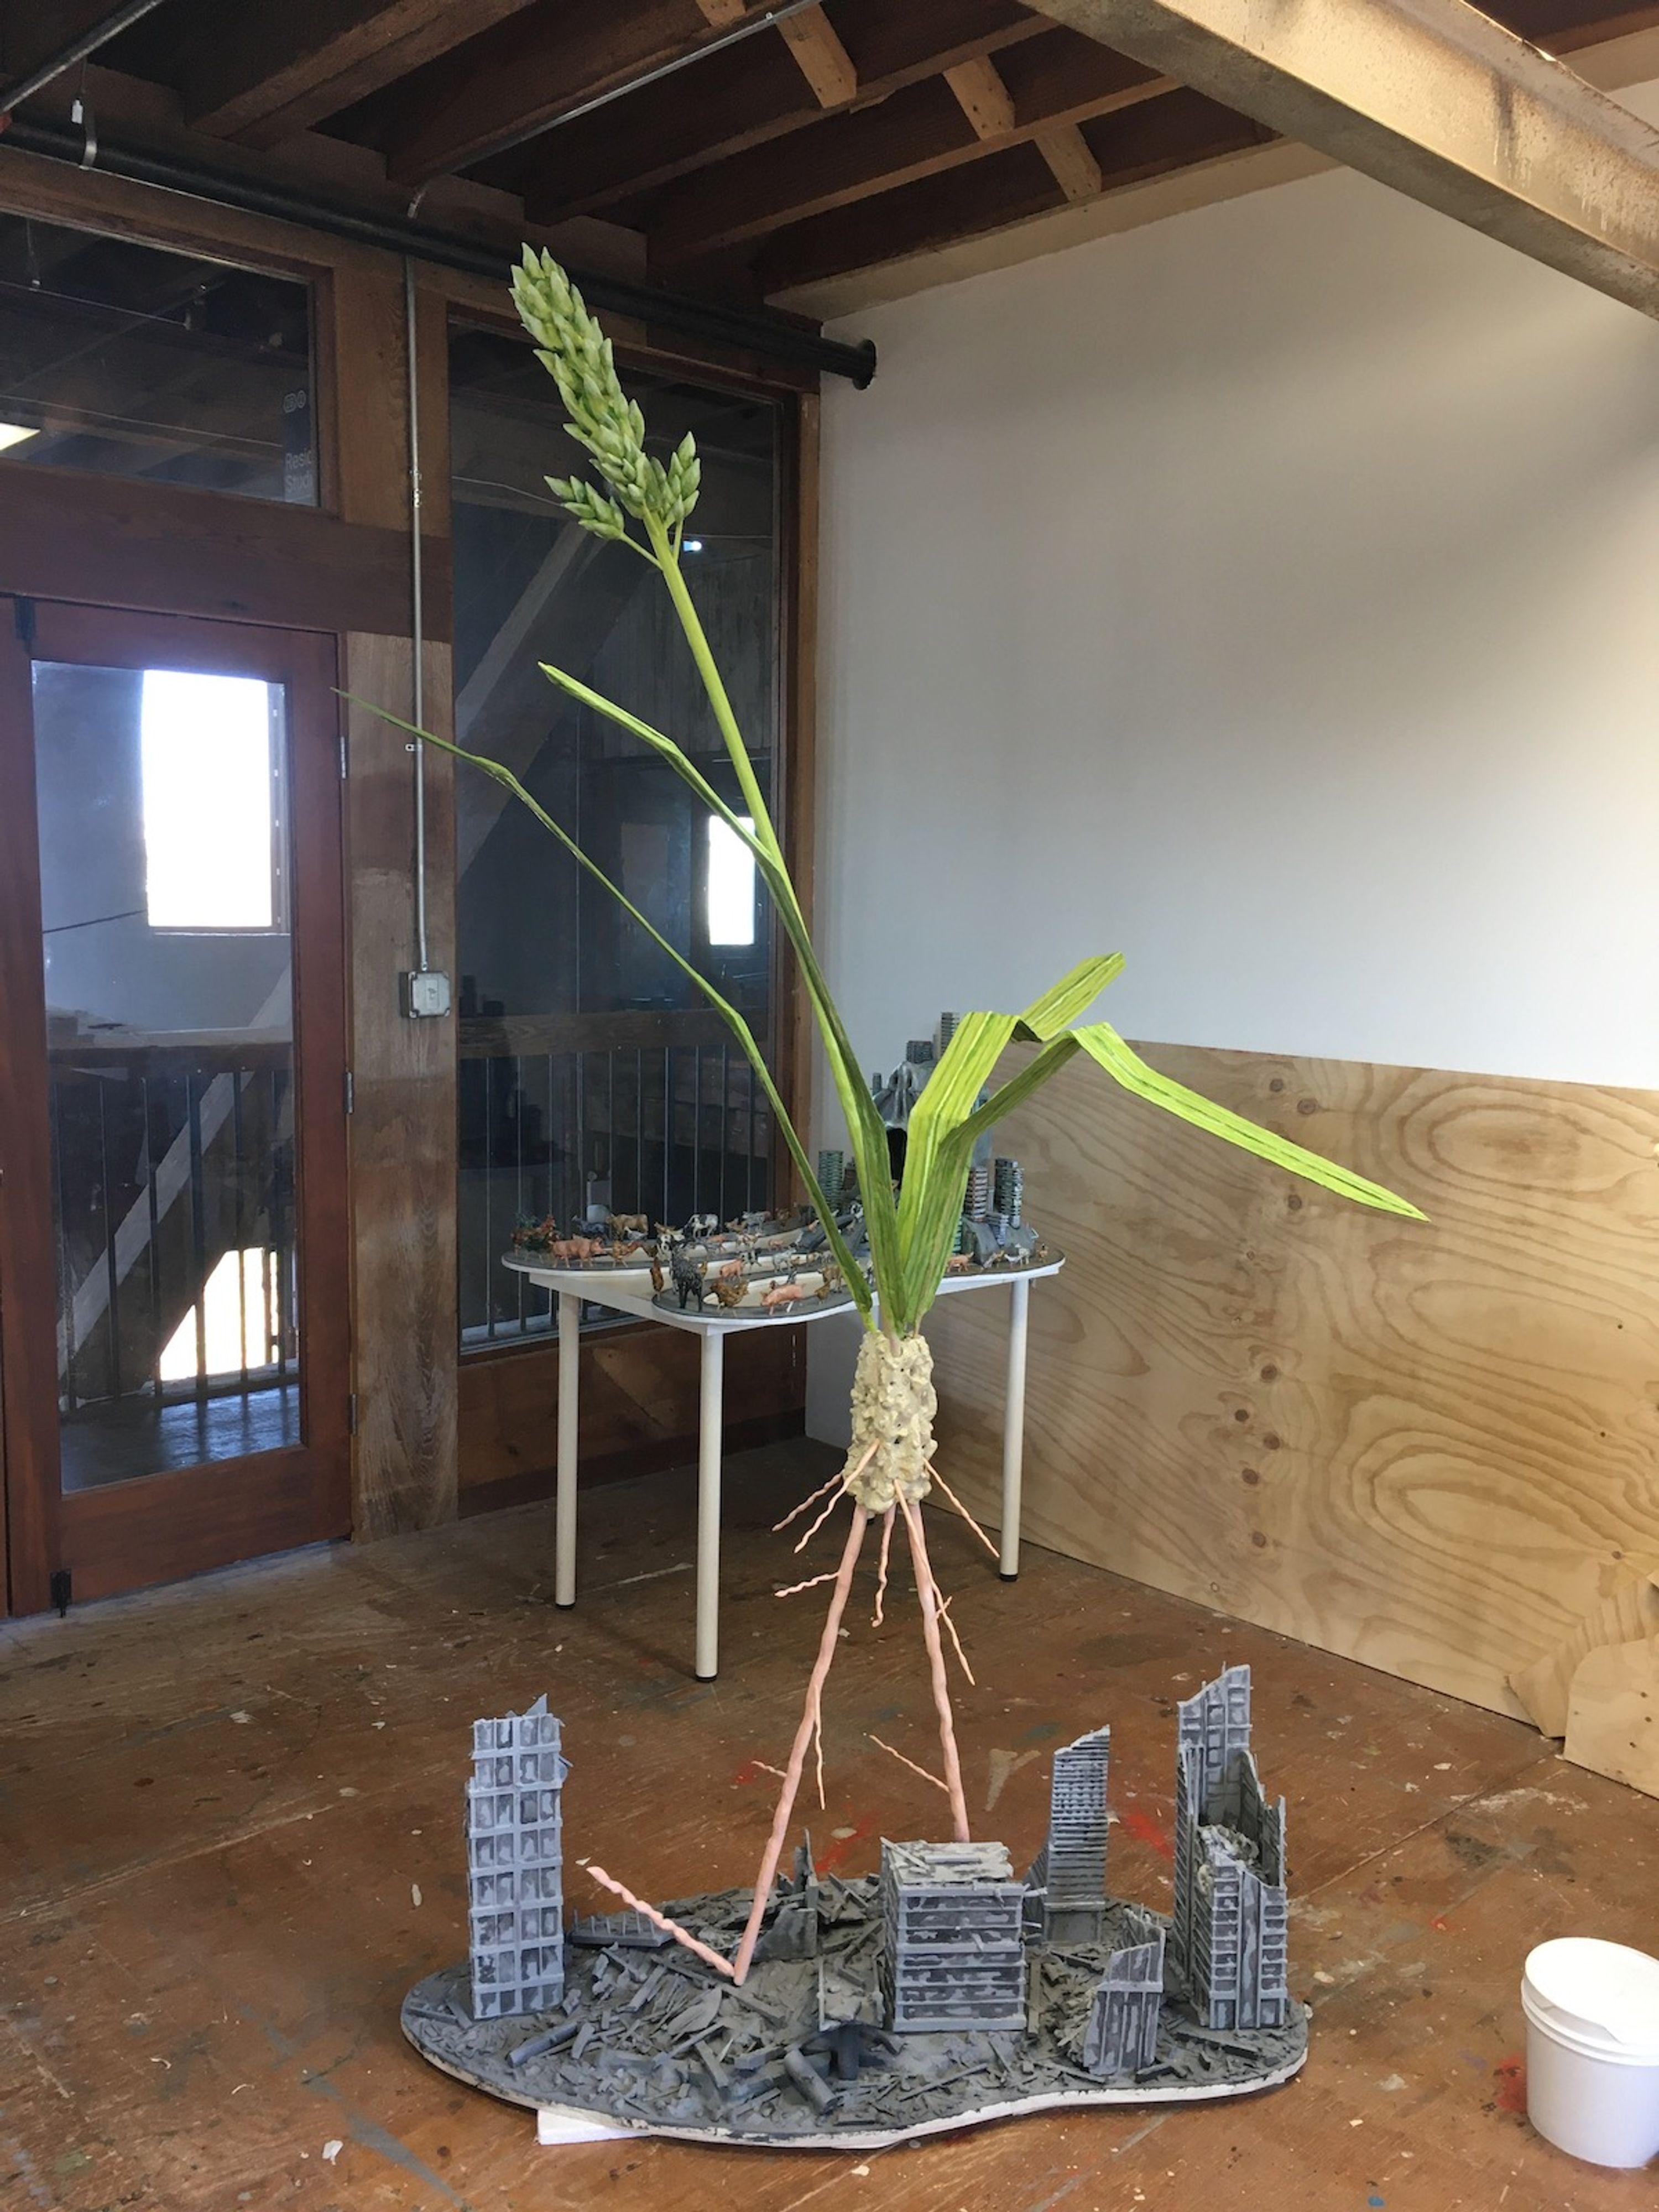 Conceptual sculpture in Jude Griebel's studio at Pioneer Works.